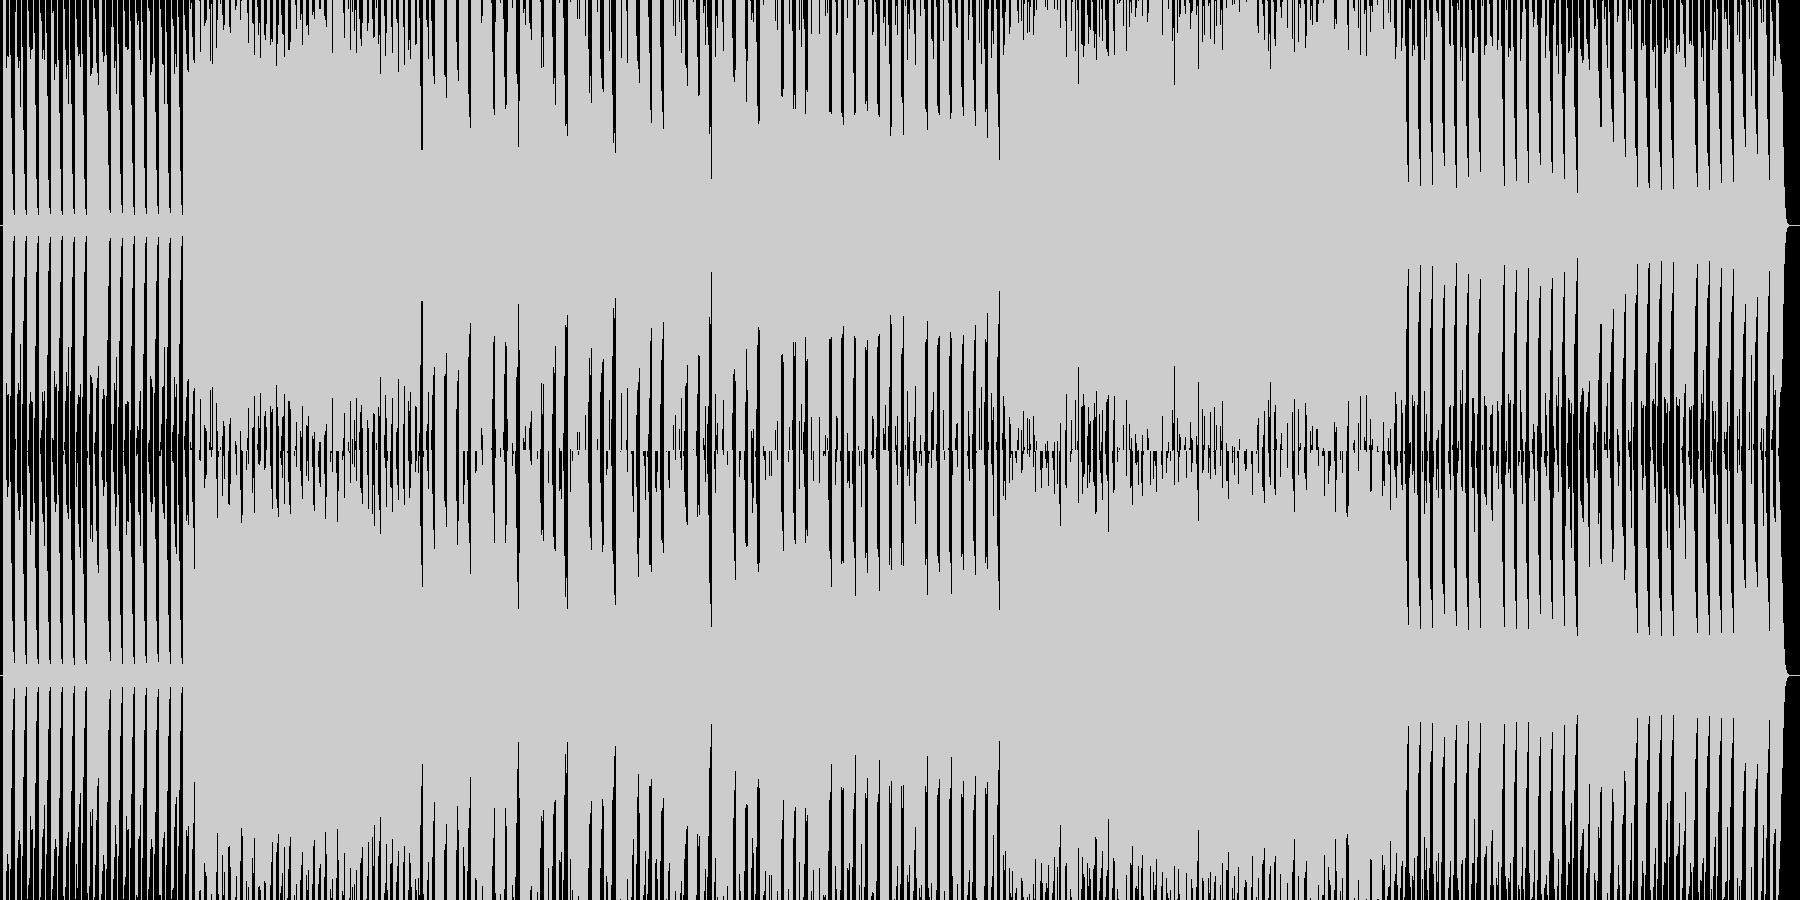 ピアノハウス+綺麗なヴァイオリンソロの未再生の波形